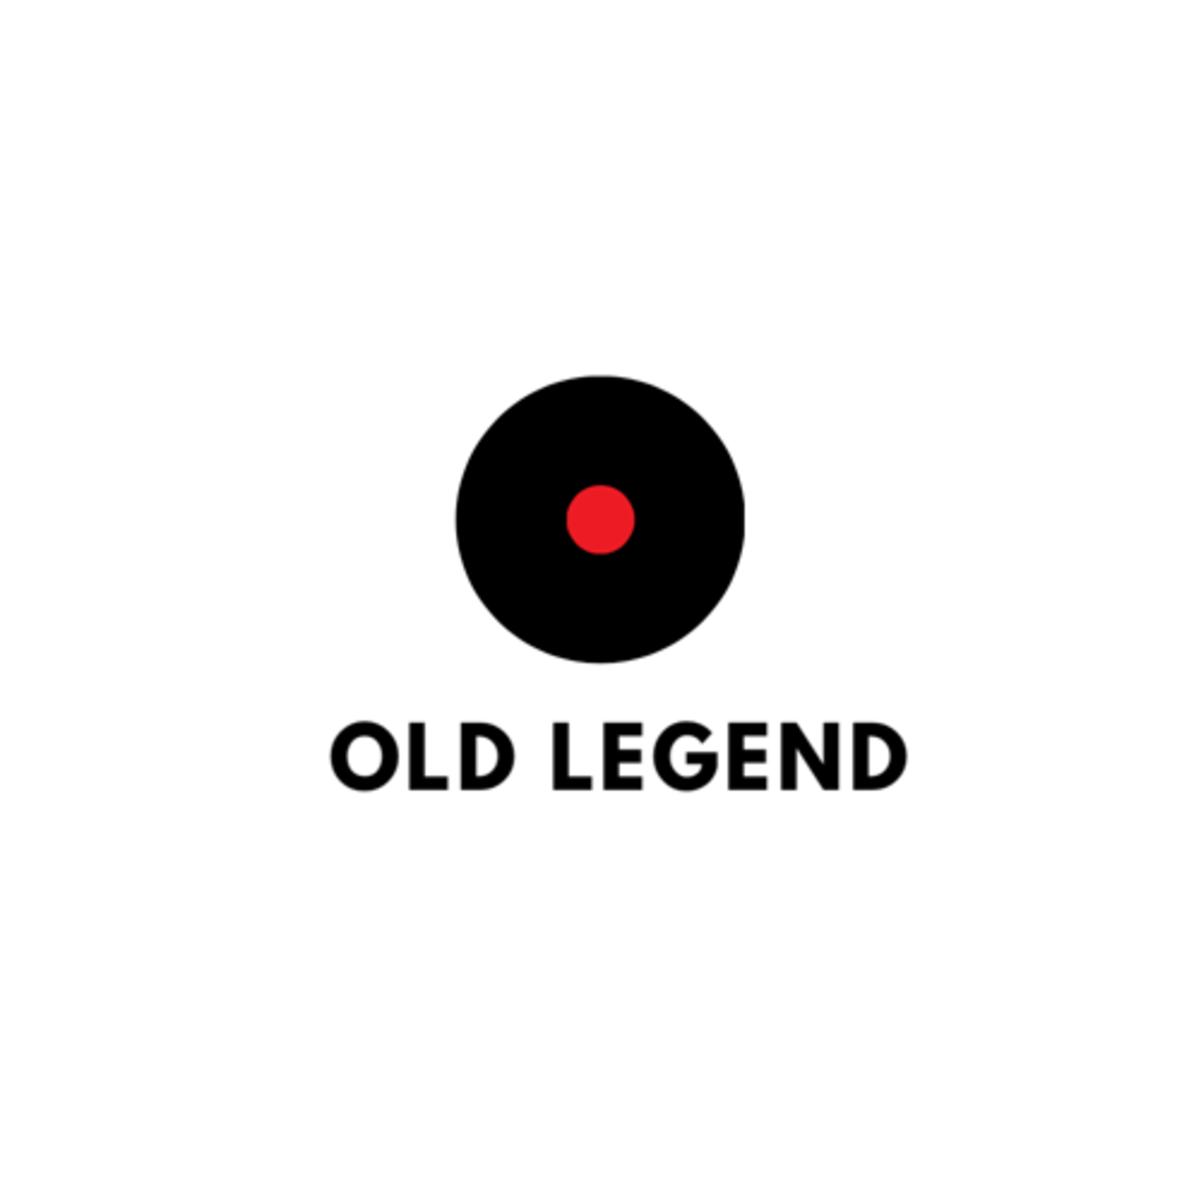 Old Legend - pubgmobile starladder com